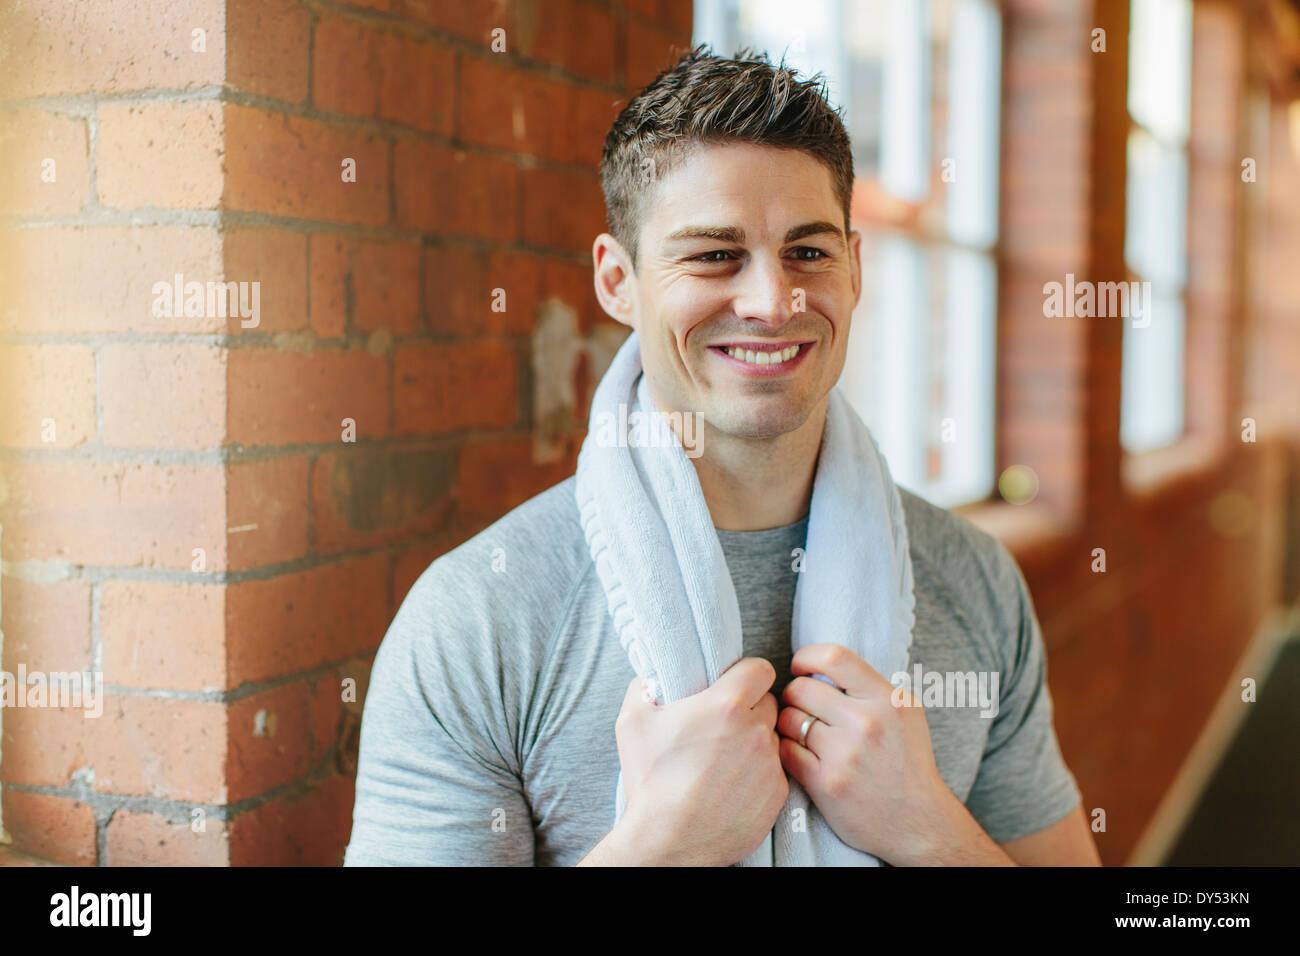 L'homme dans une salle de sport avec une serviette autour du cou Photo Stock